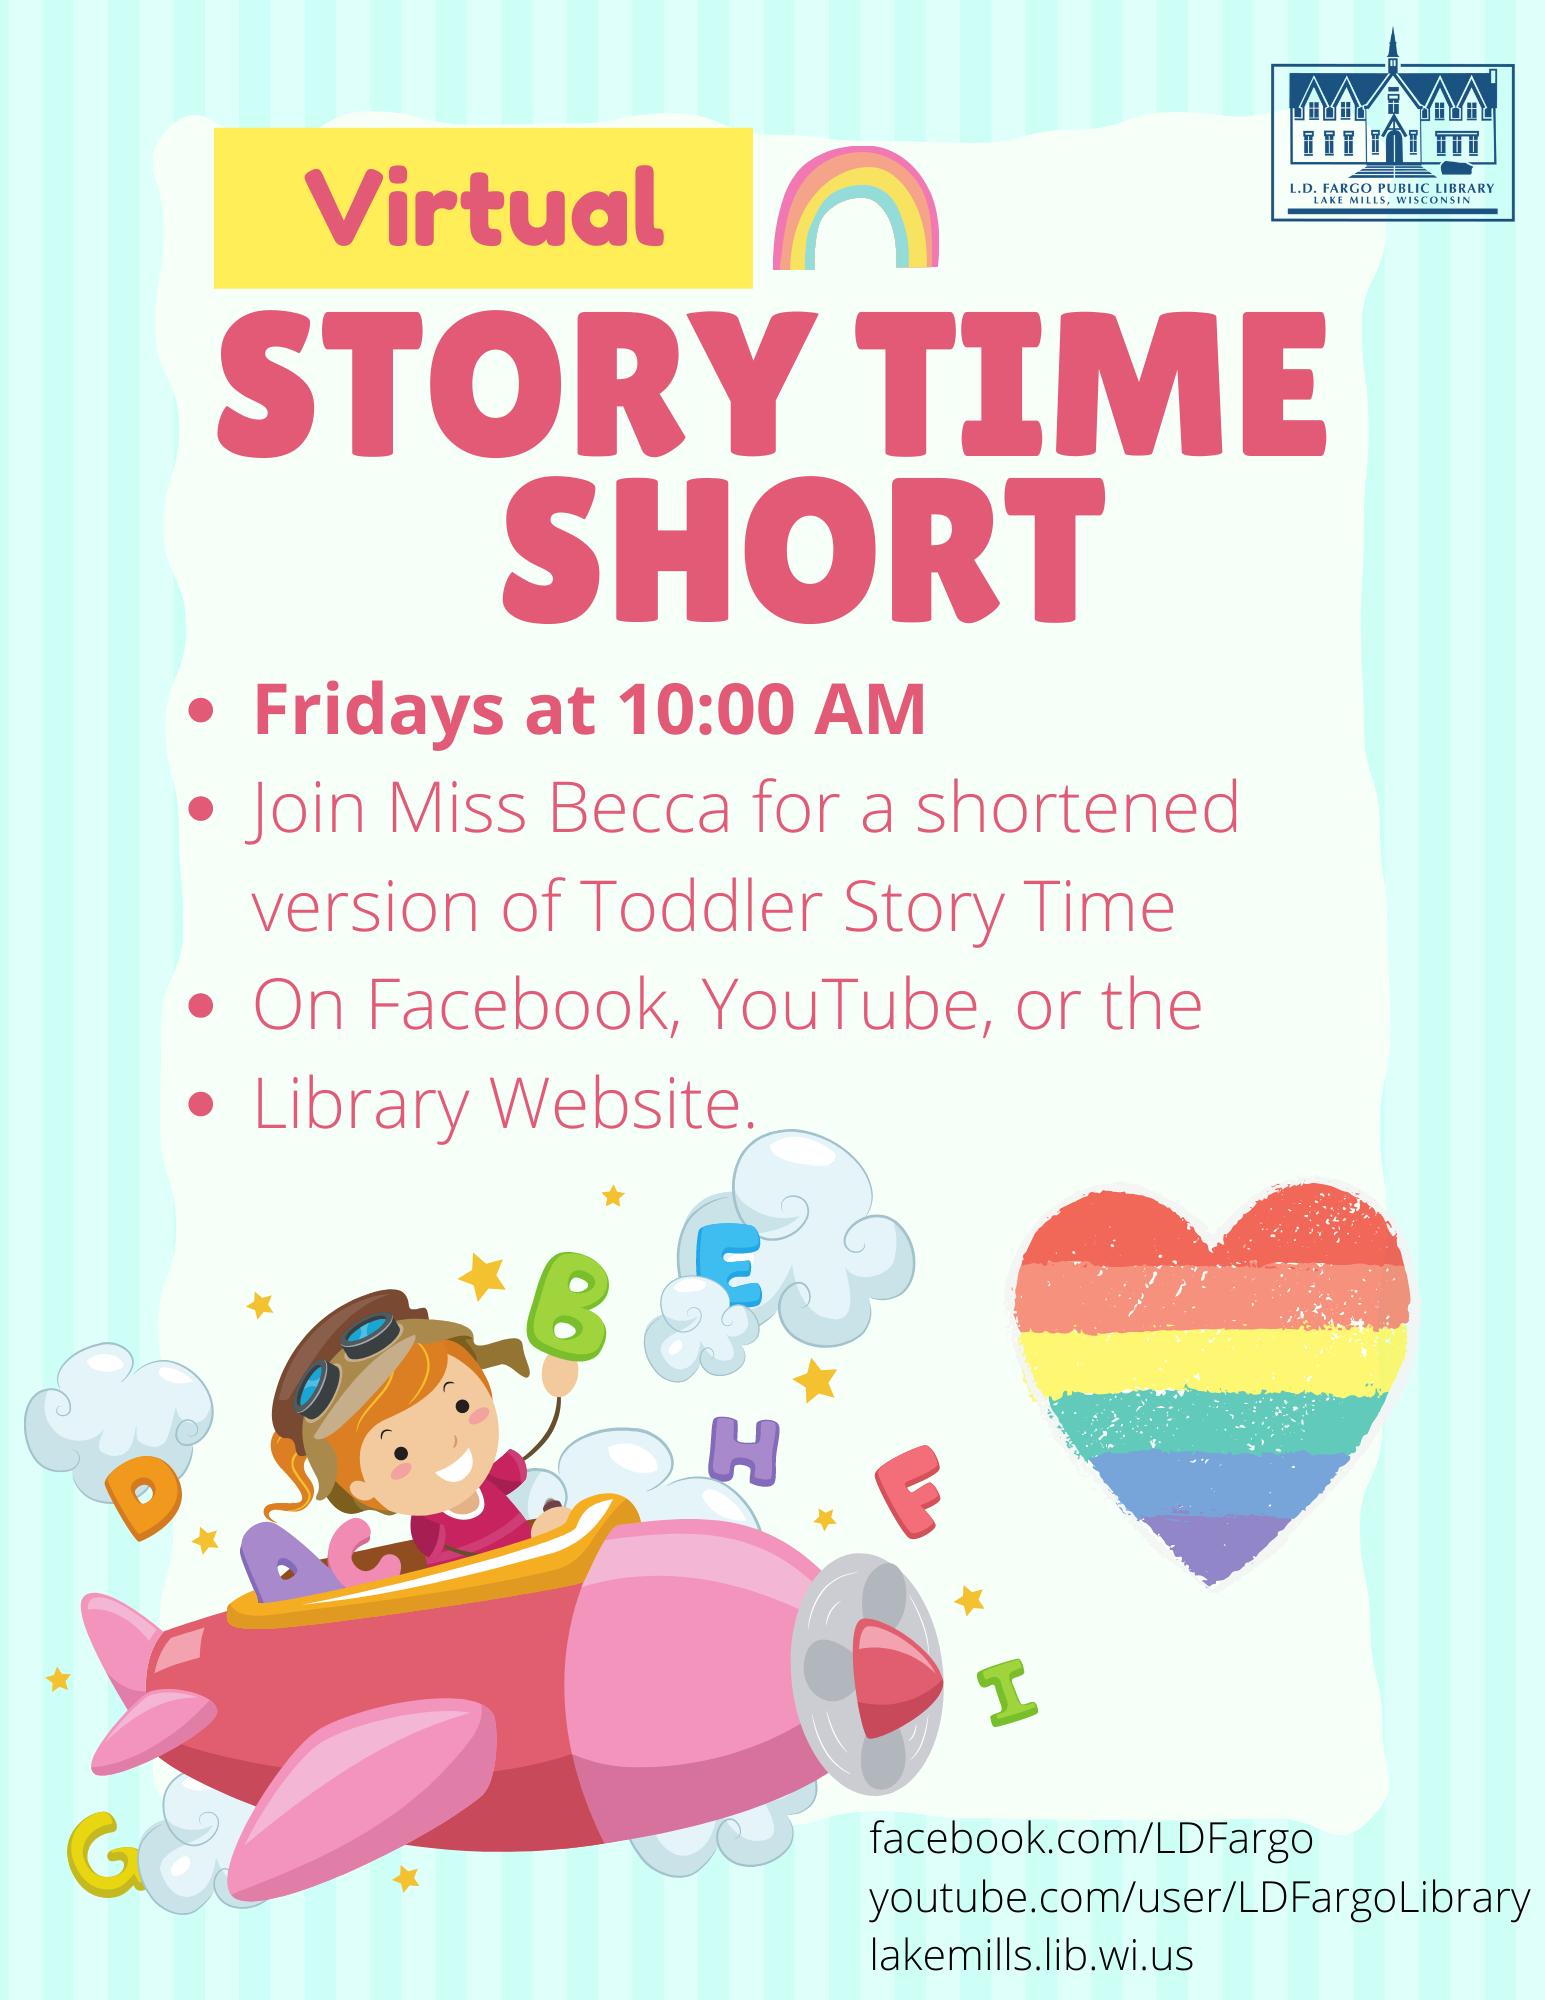 Virtural Story TIme Short